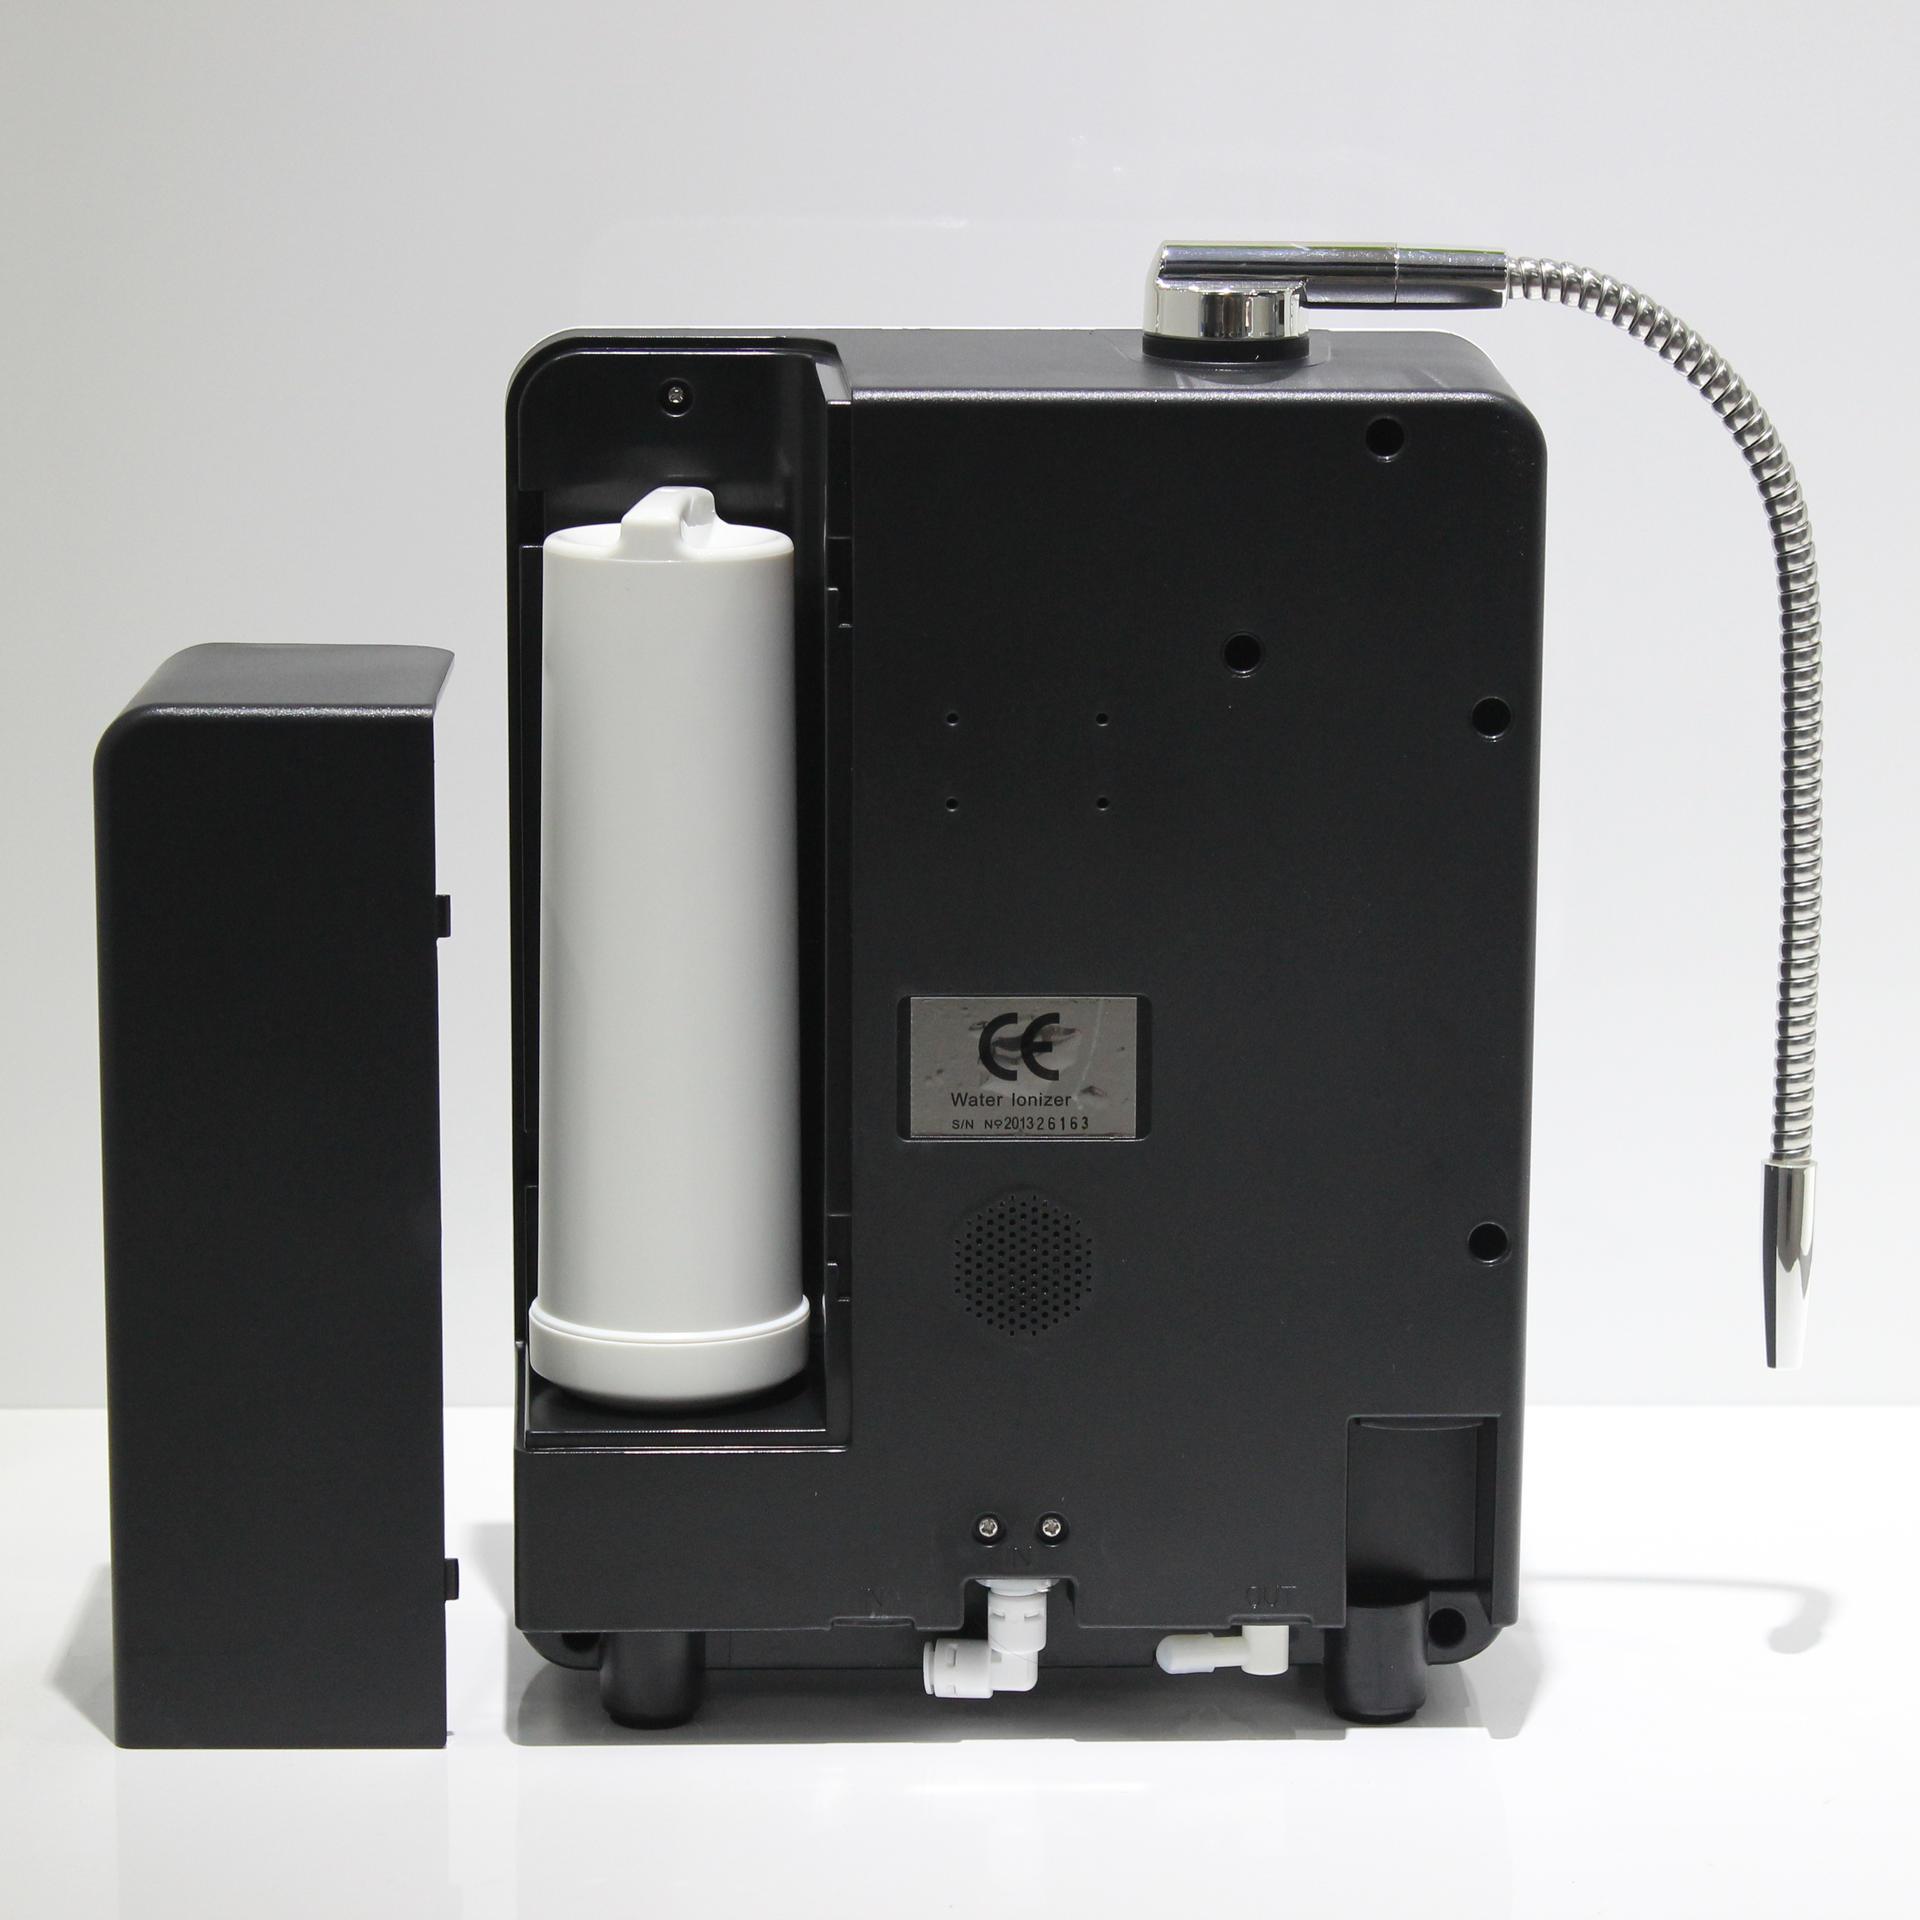 high quality multi-function alkaline water machine water ionizer